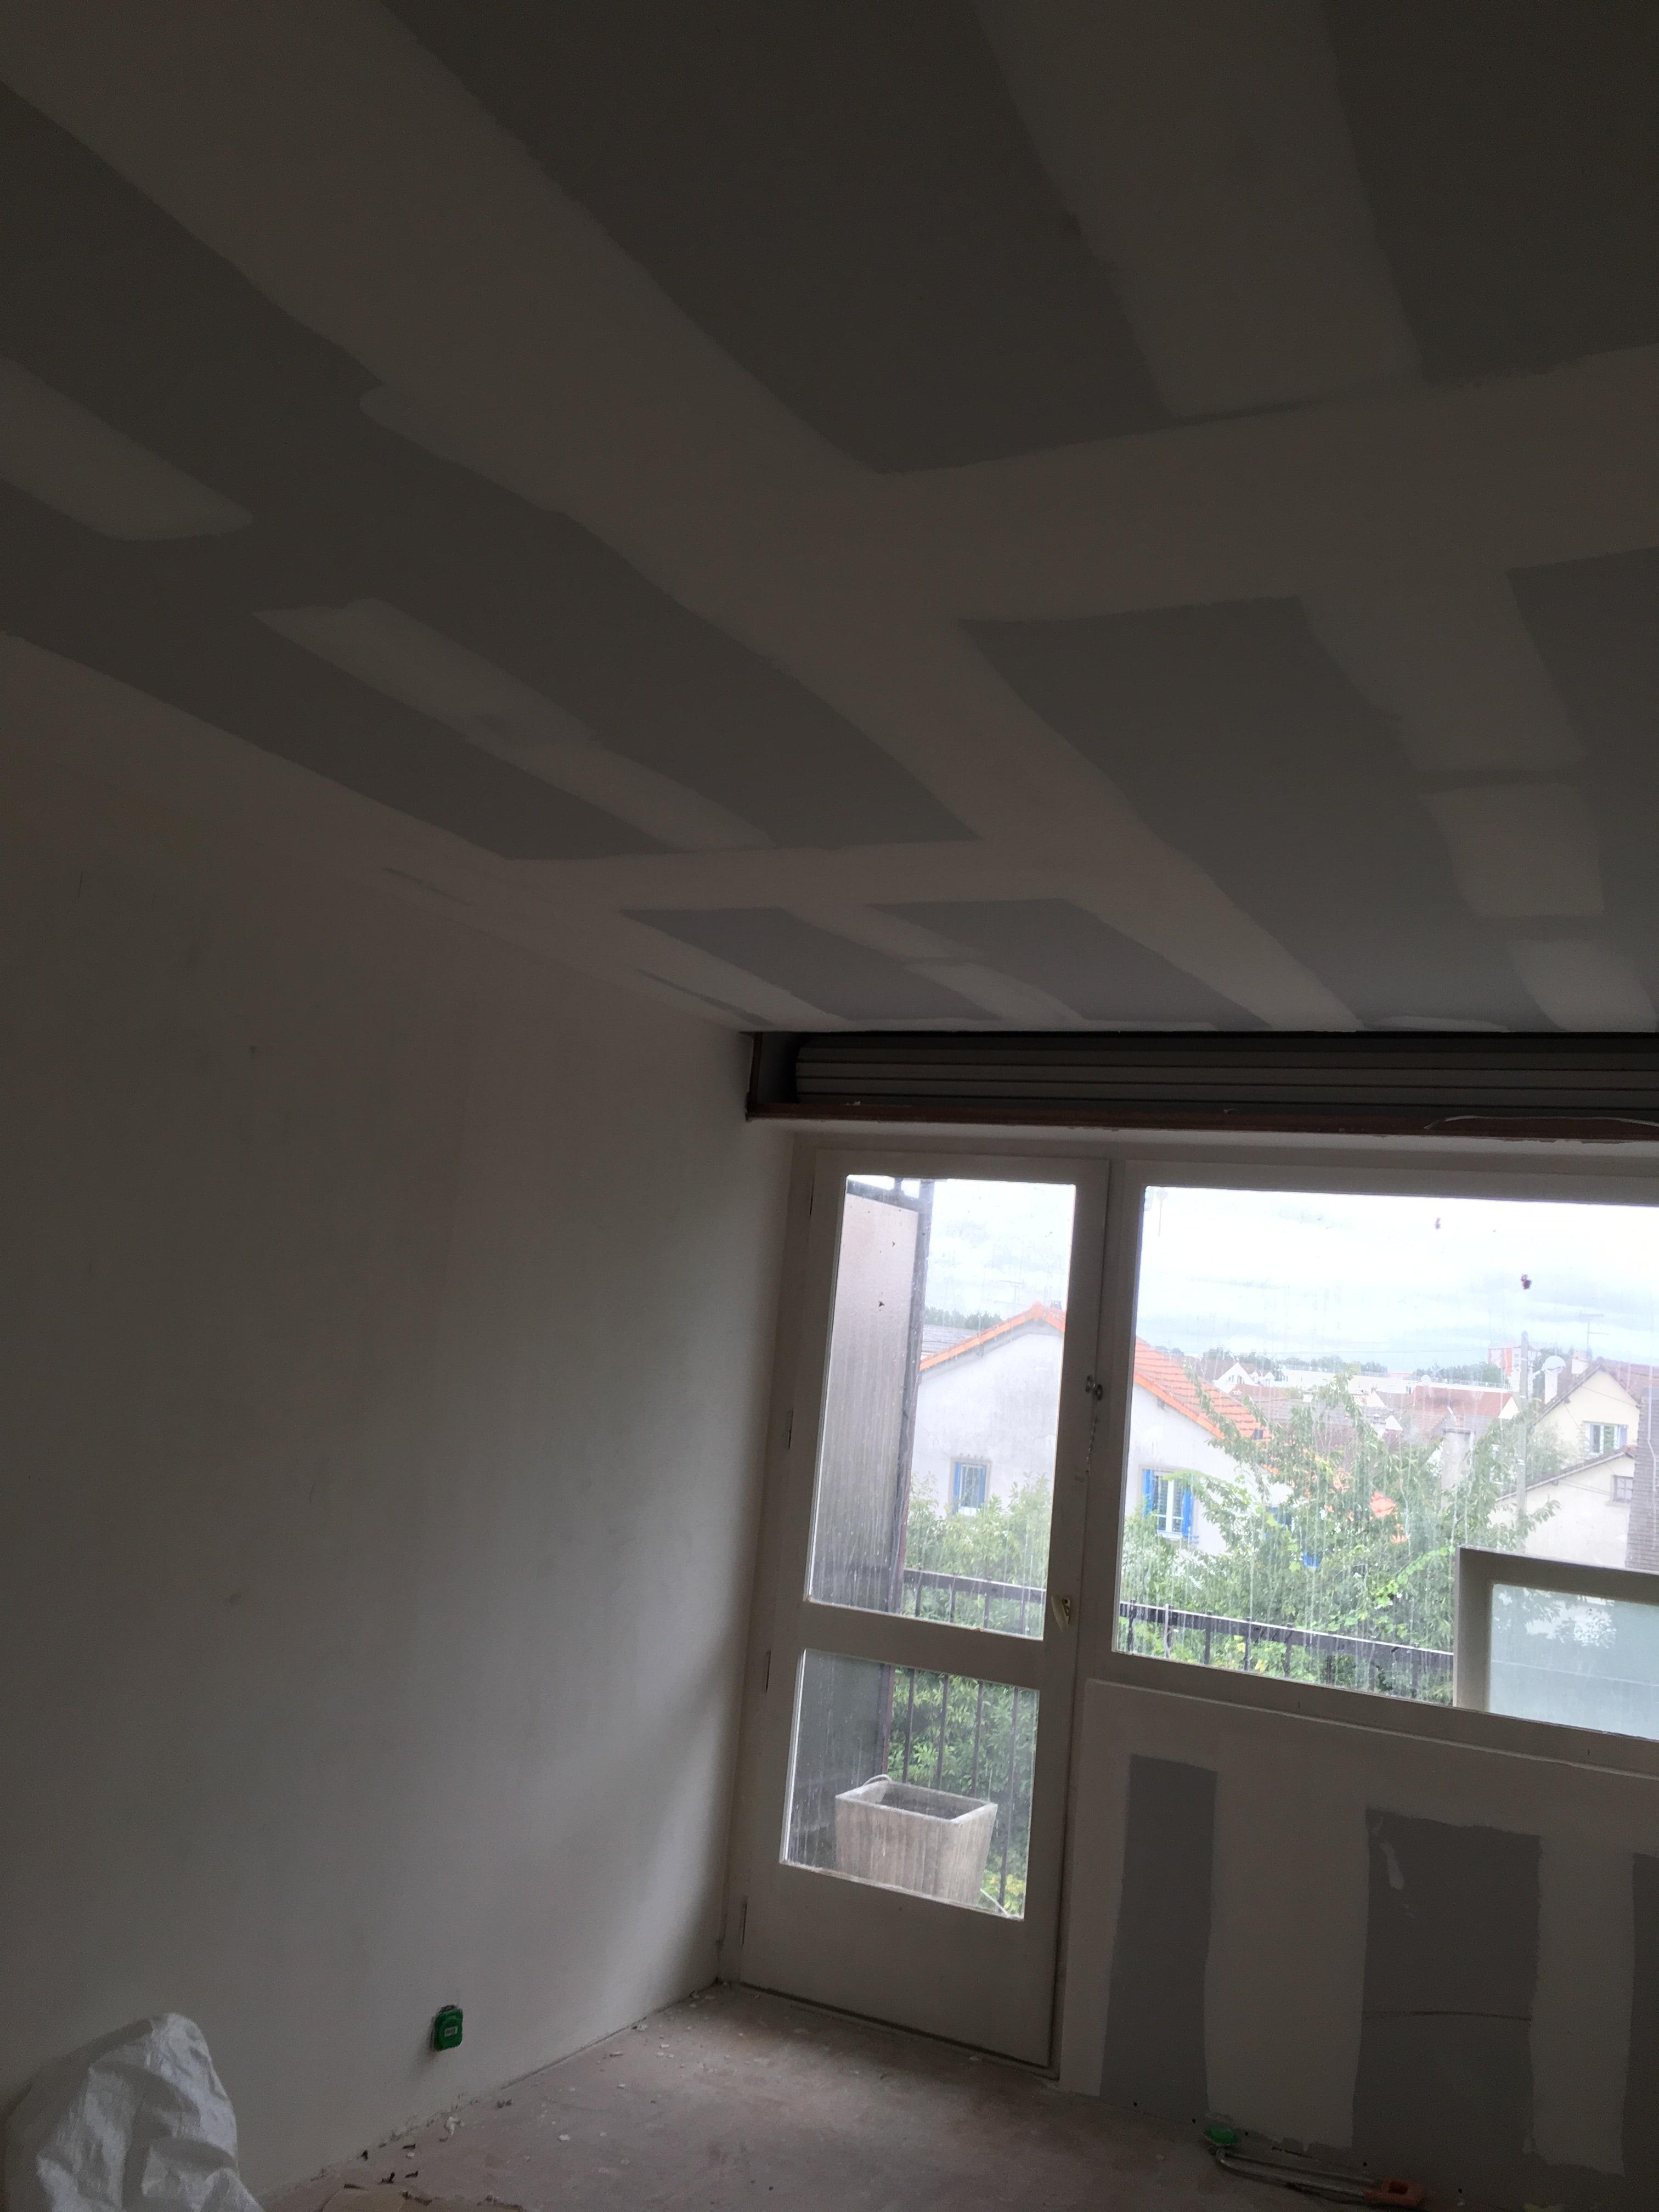 travaux-de-renovation-peinture-bande-enduit-menuiserie-platrerie-villiers-sur-marne-chambre-avec-balcon-c-1-maghawry-texas-batiment-rge-min